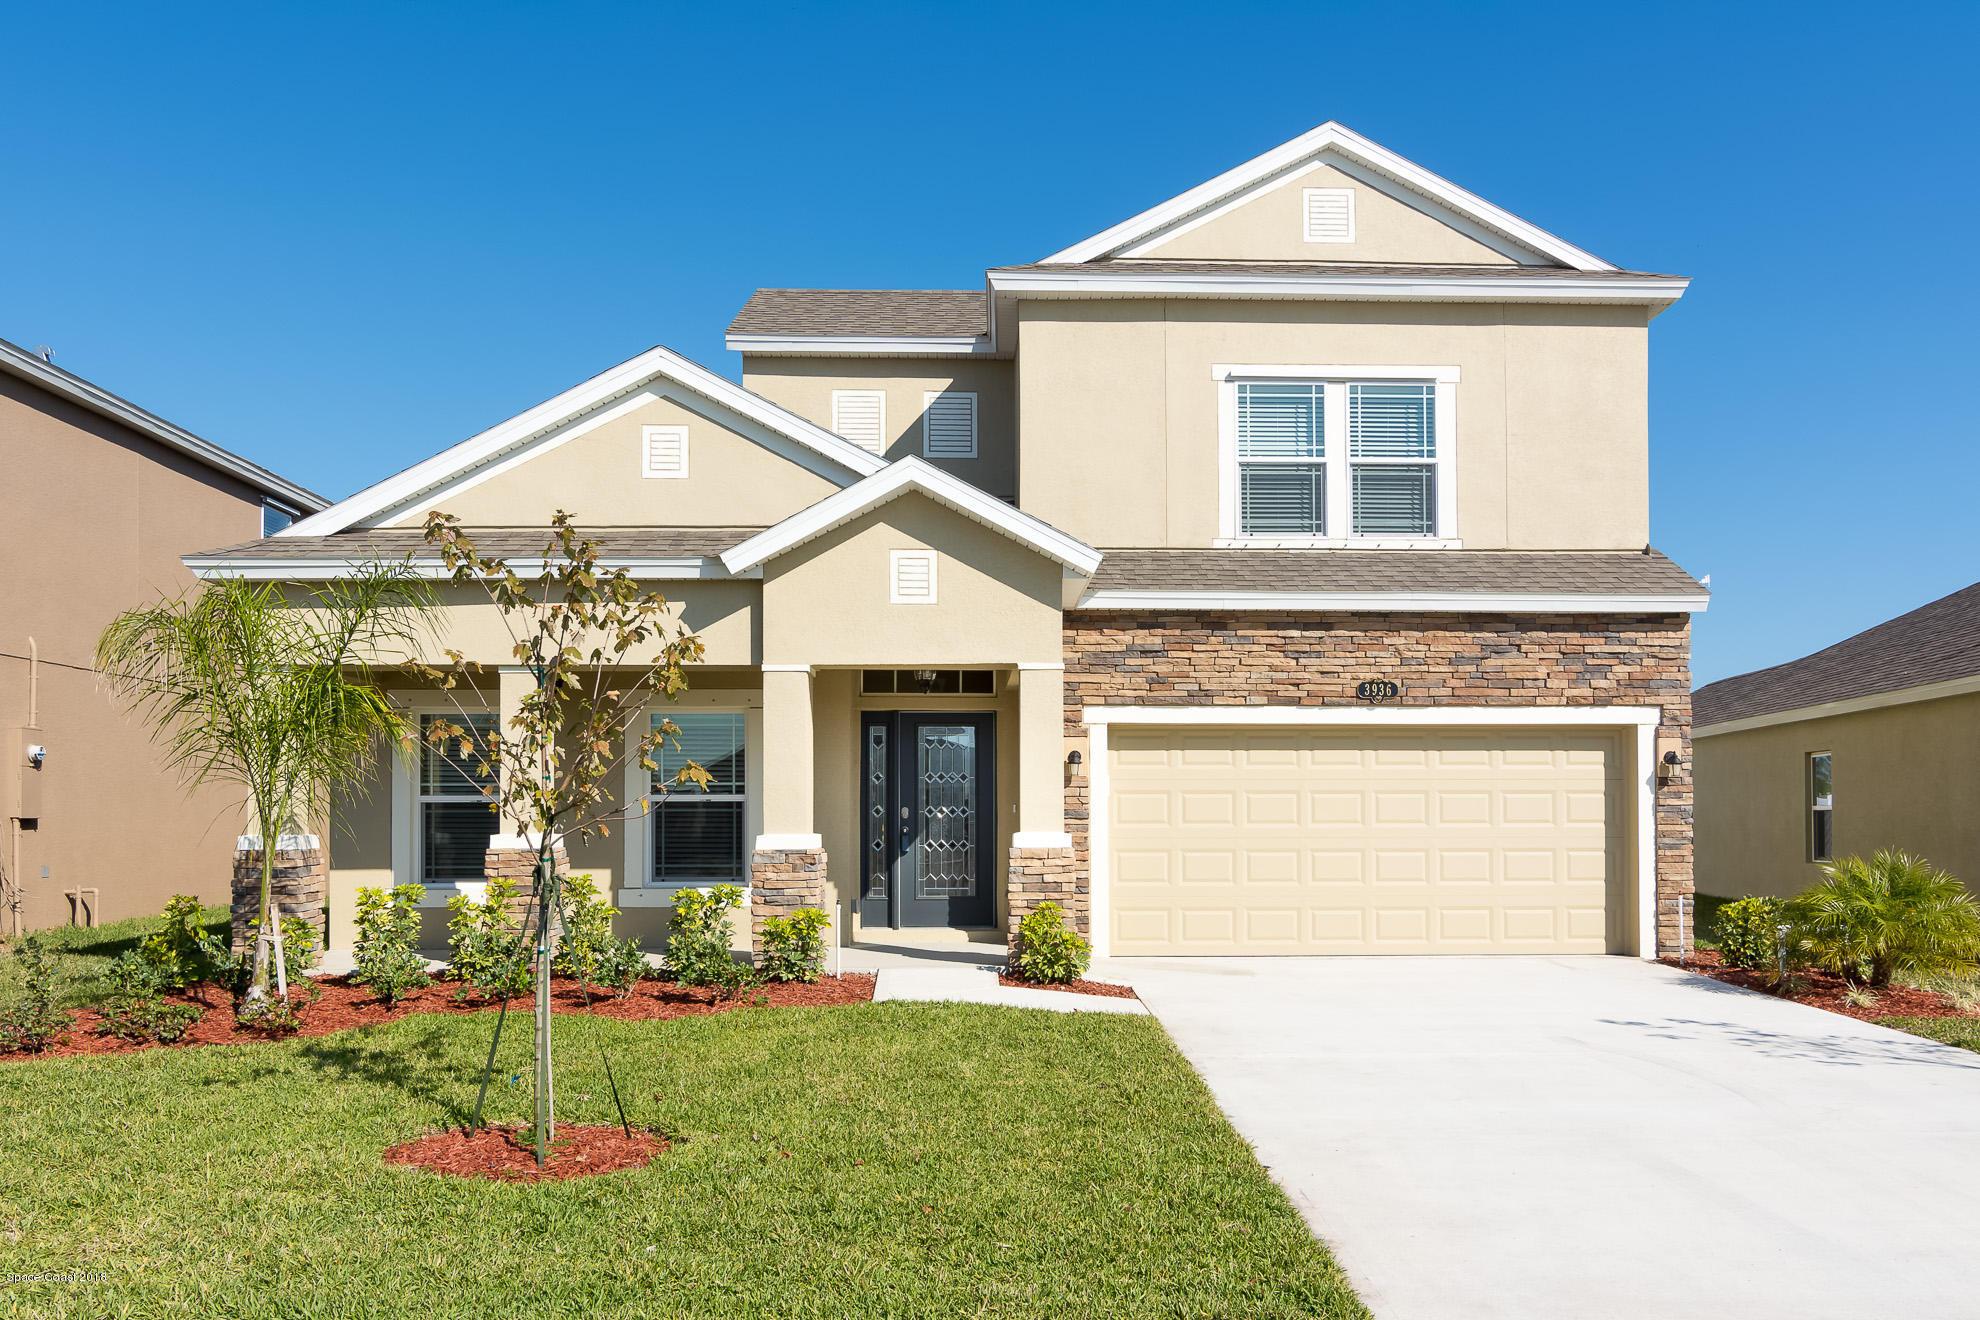 獨棟家庭住宅 為 出售 在 3936 Milner 3936 Milner West Melbourne, 佛羅里達州 32904 美國